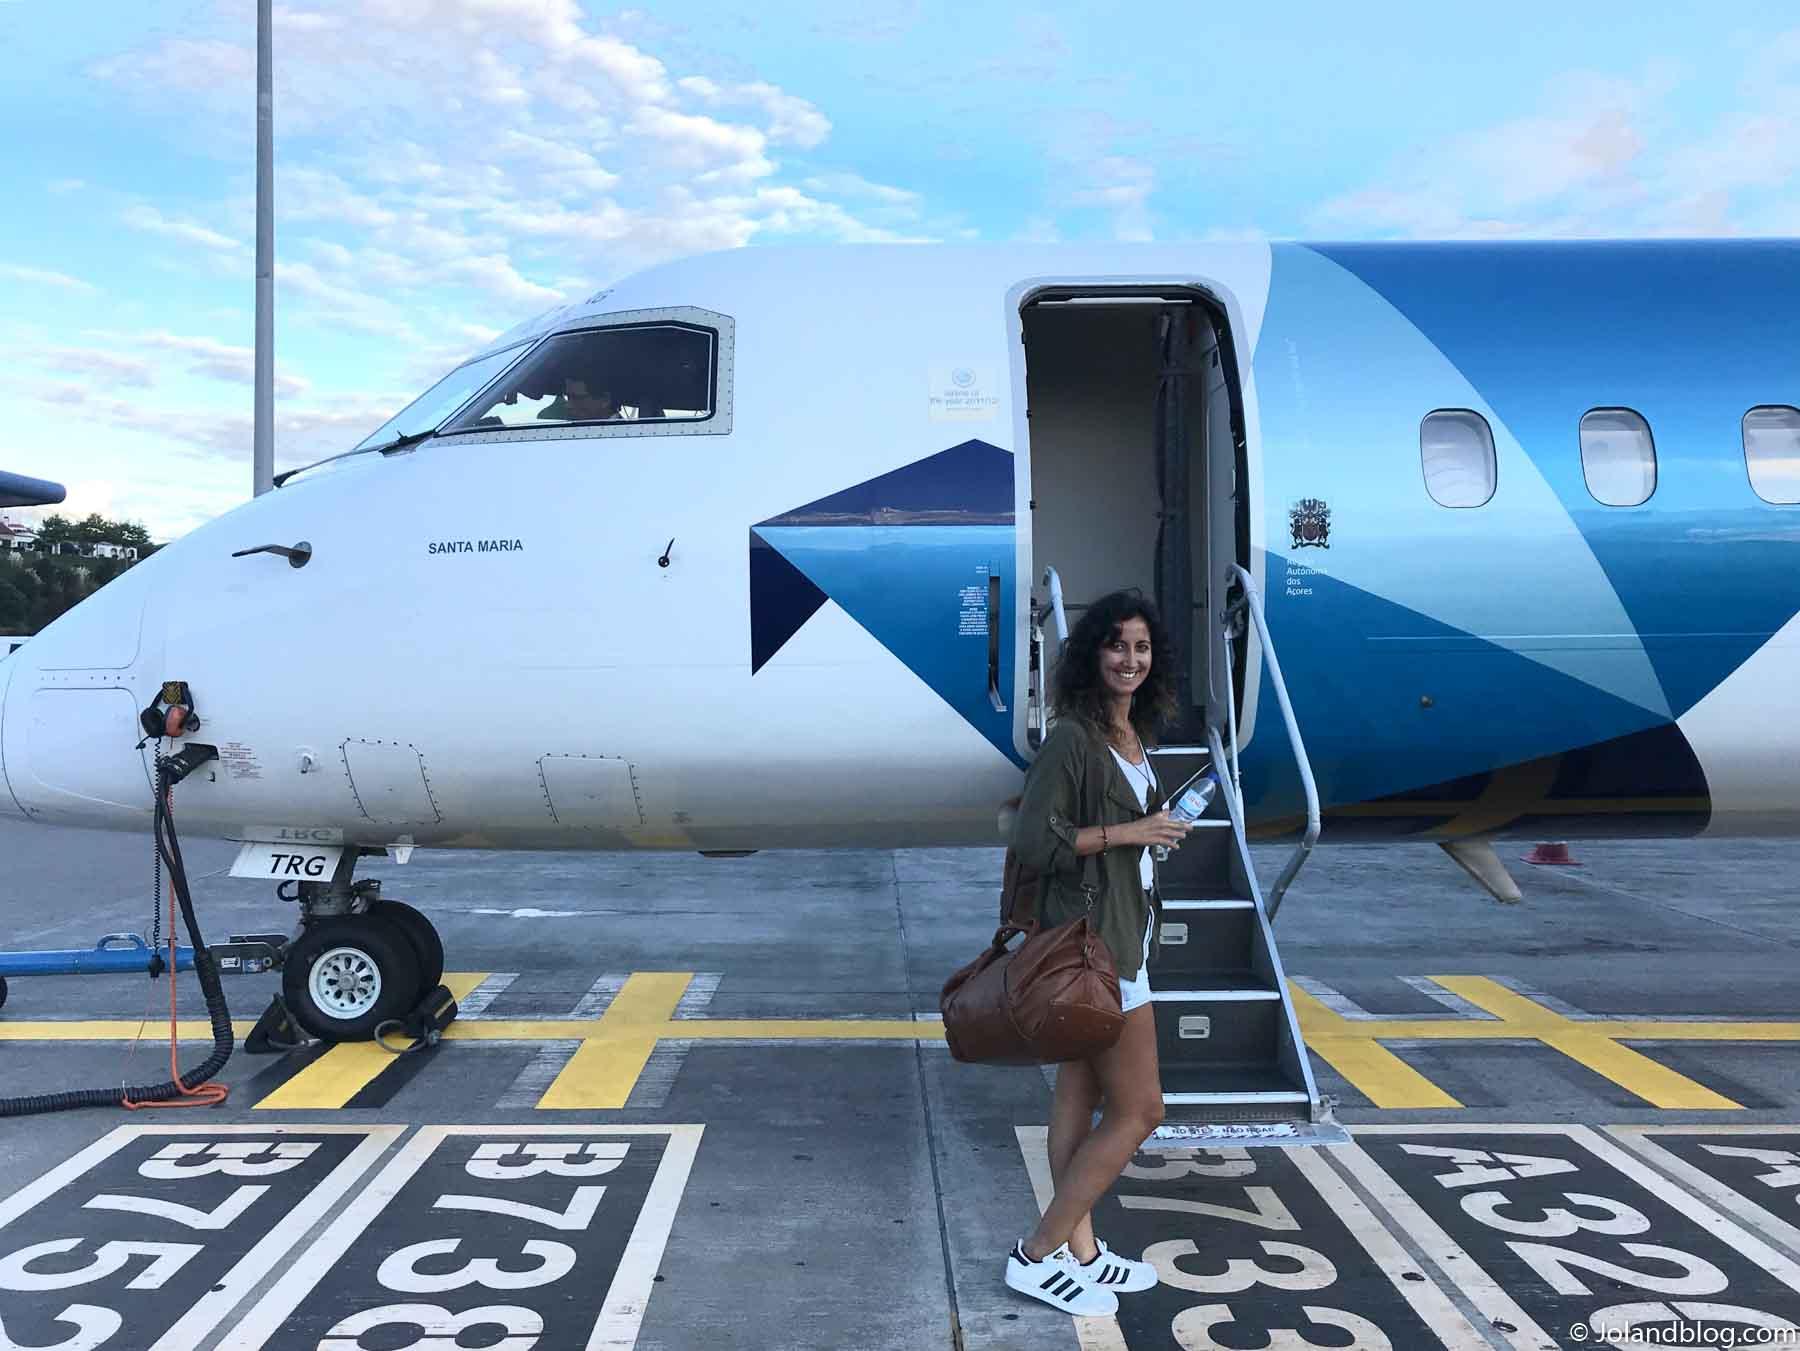 Voo da SATA nos Açores / Viajar para os Açores em tempos de Covid